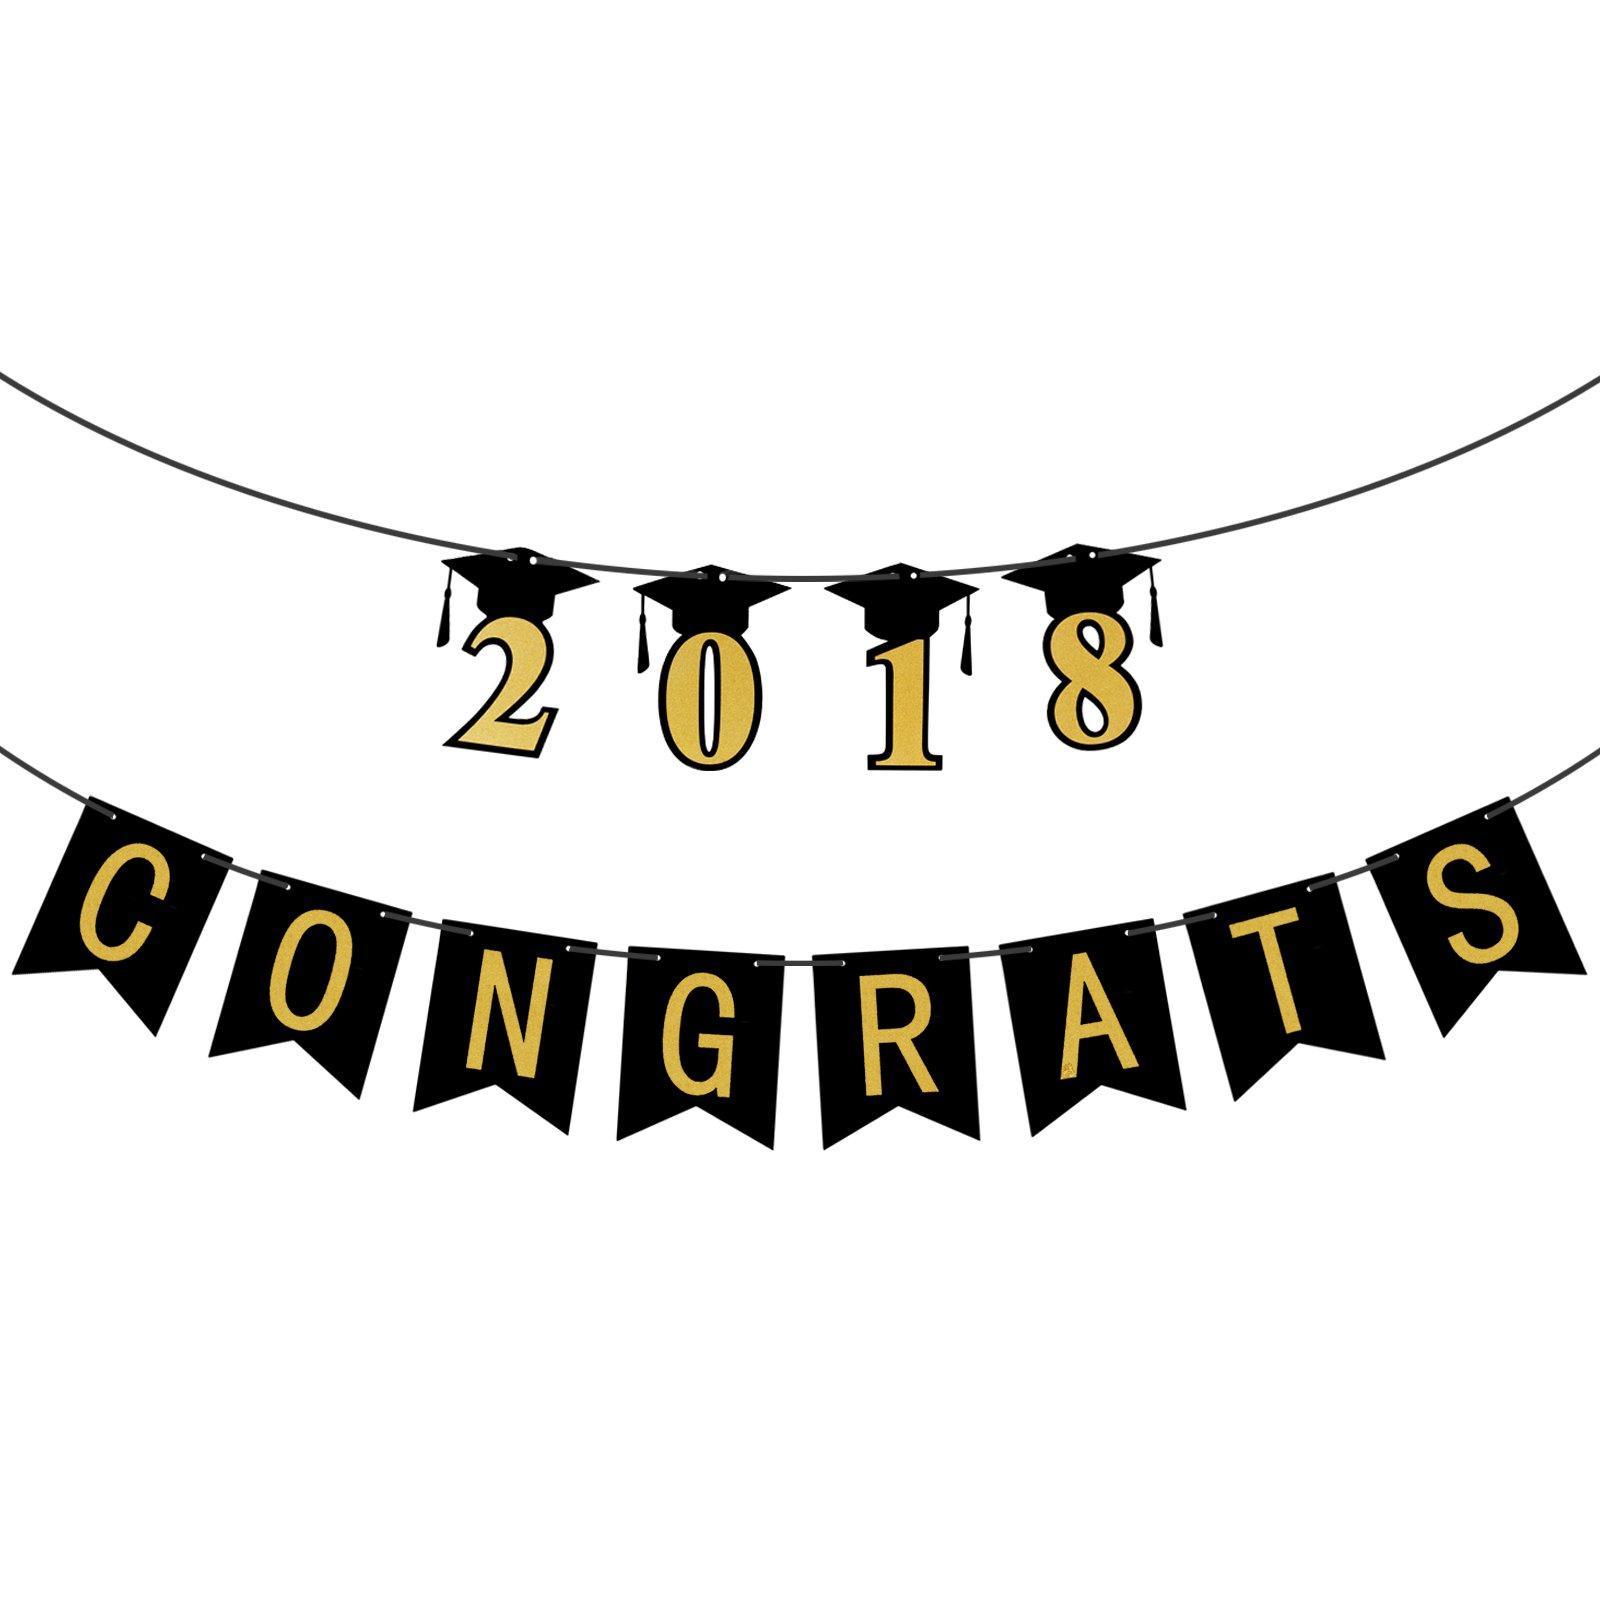 congrats 2018 graduation banner assembled class of 2018 gold banner